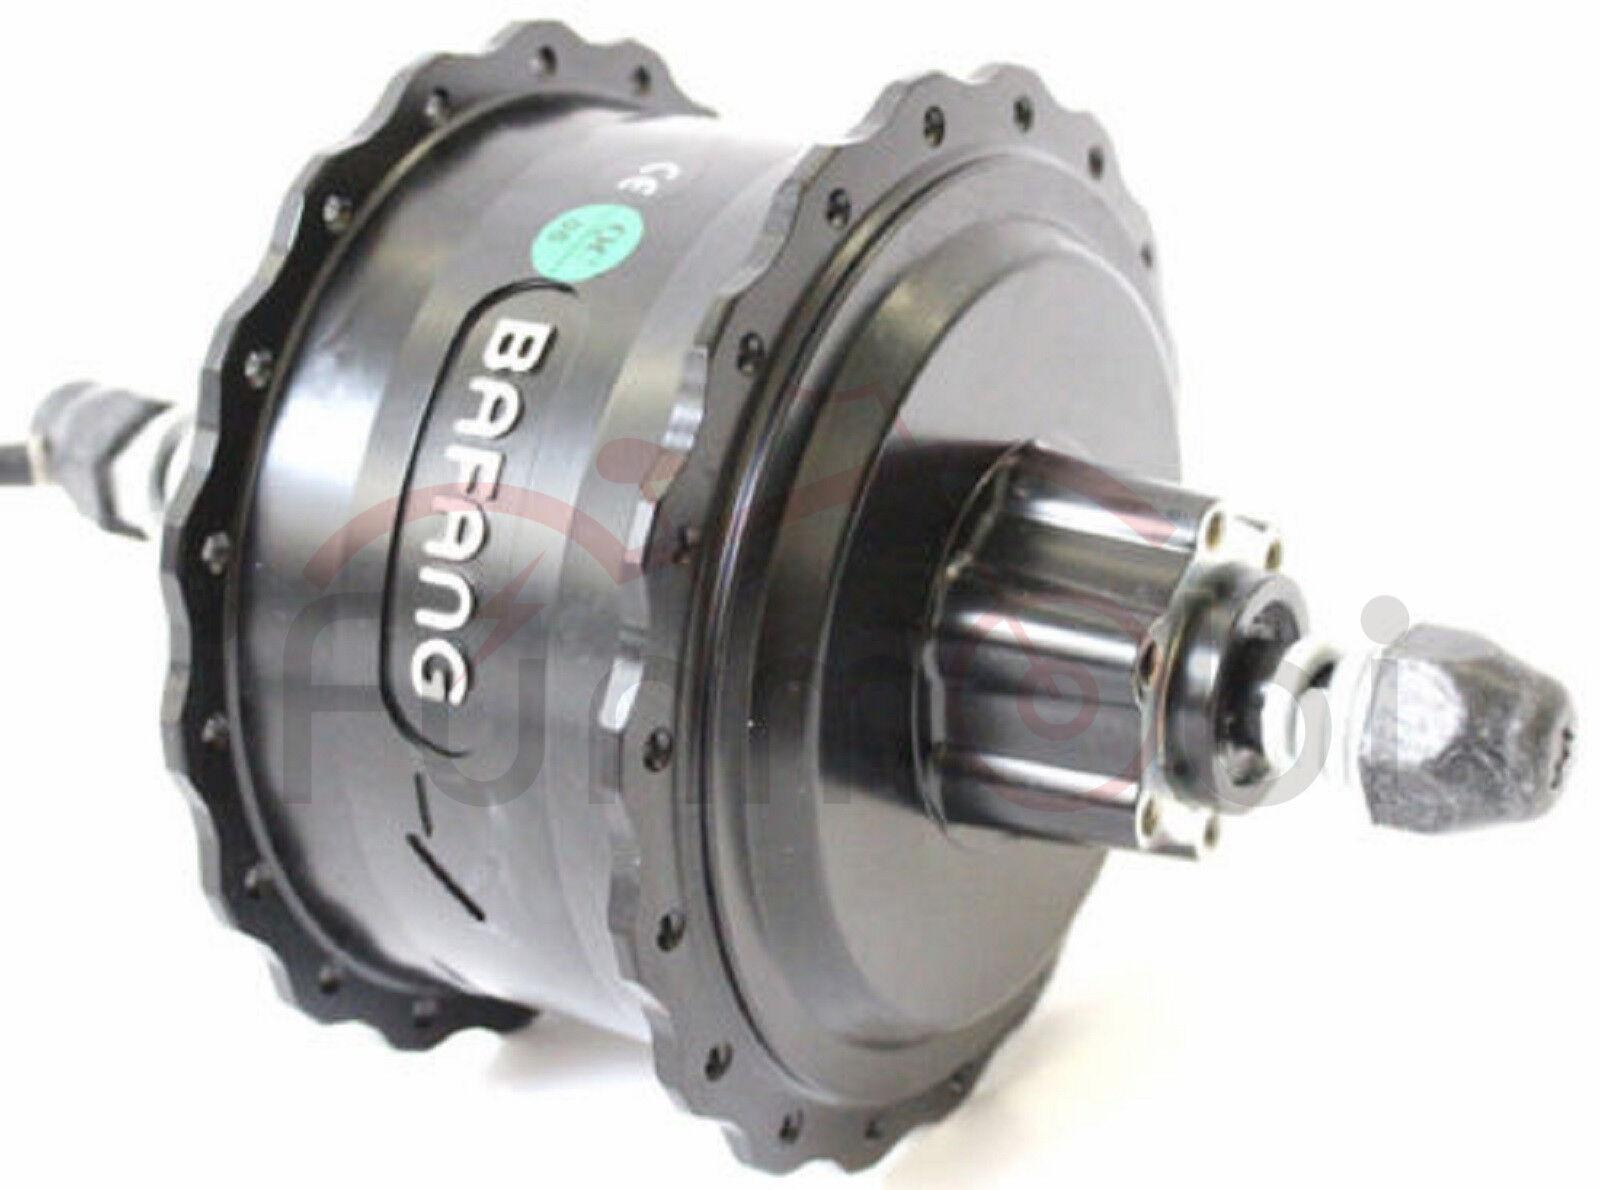 Bafang 36V 48V 500W Brushless Geared Cassette Rear Hub Motor 190mm For Fat Ebike